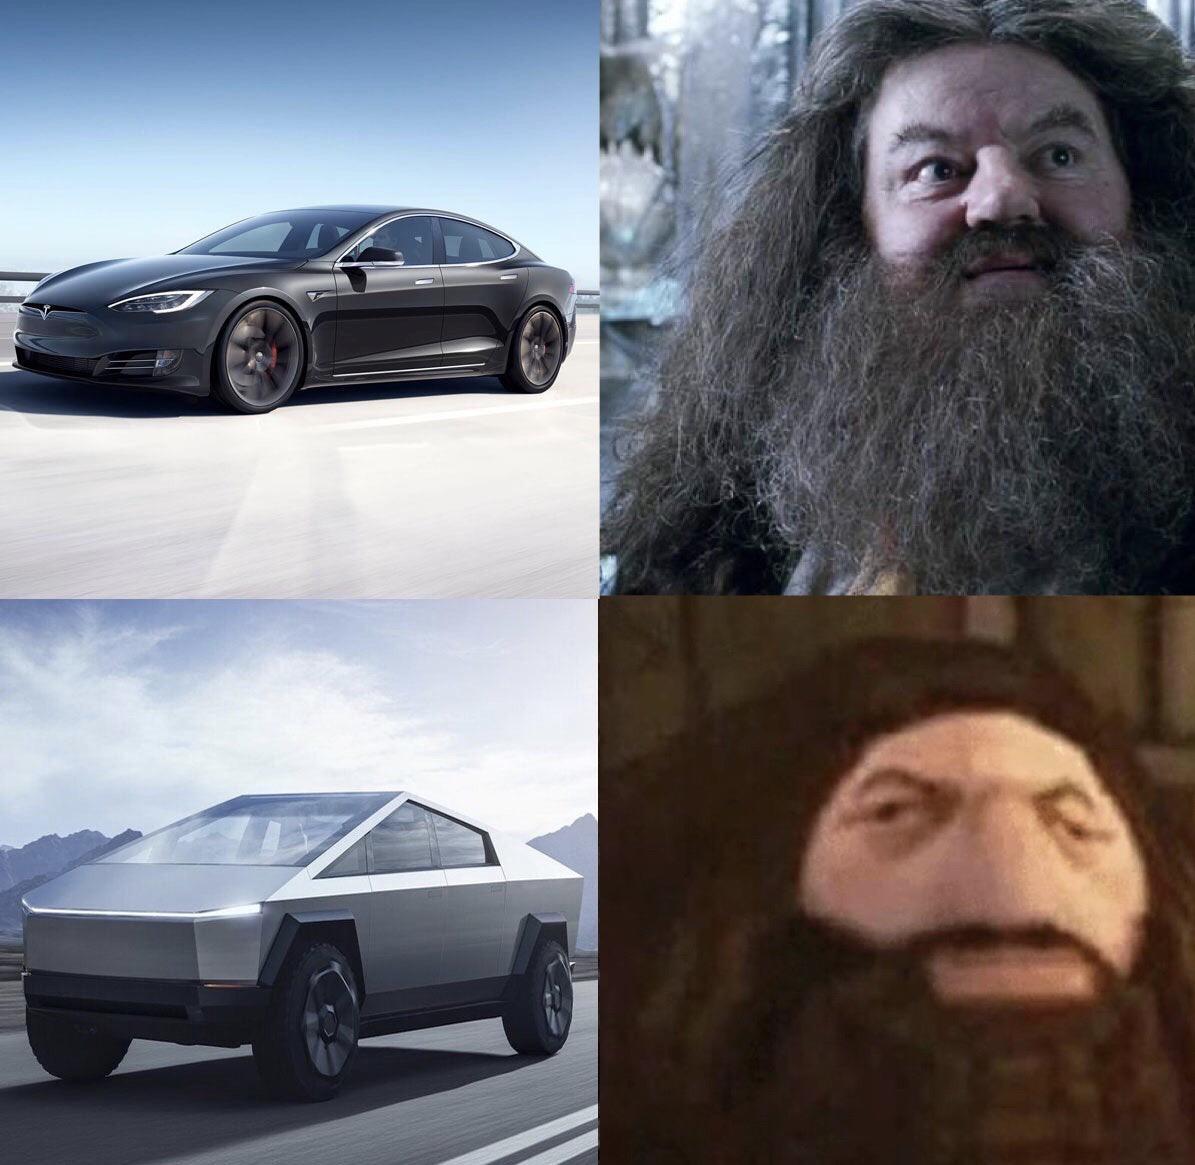 Dank Meme, Tesla Truck, Hagrid, Harry Potter dank-memes cute text: